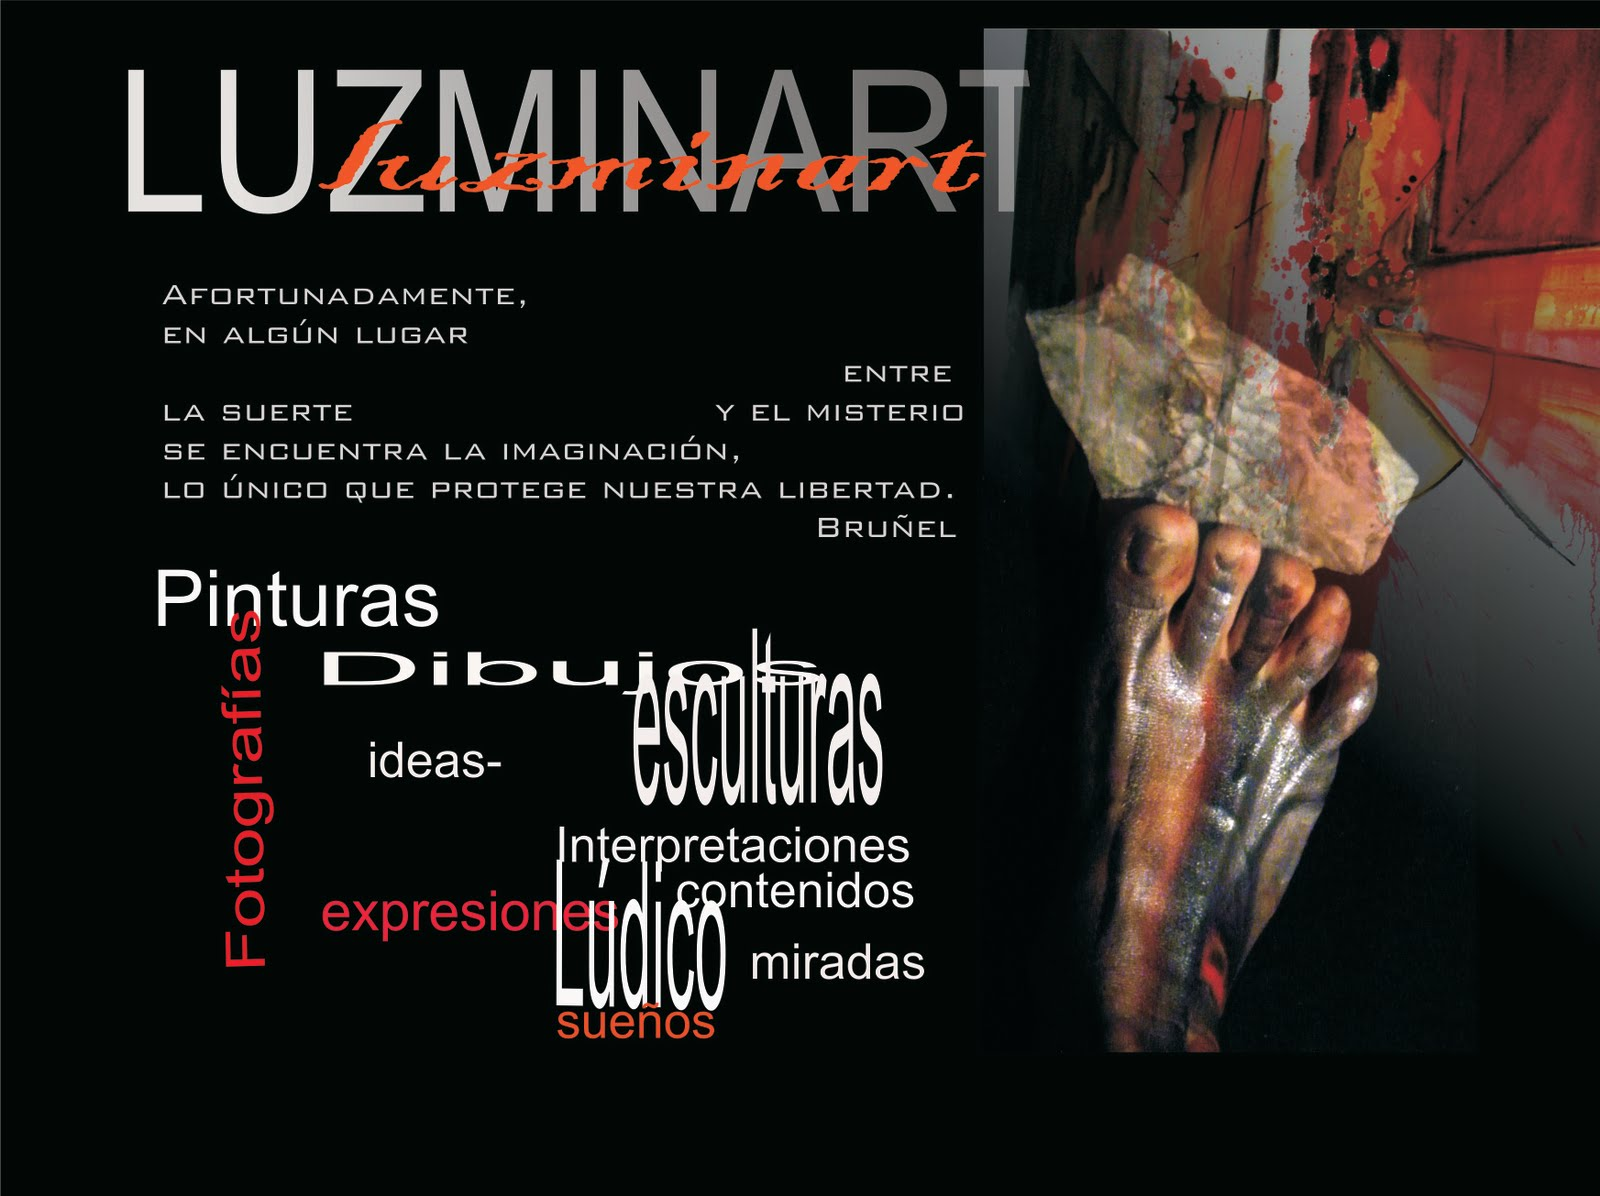 Luzminart